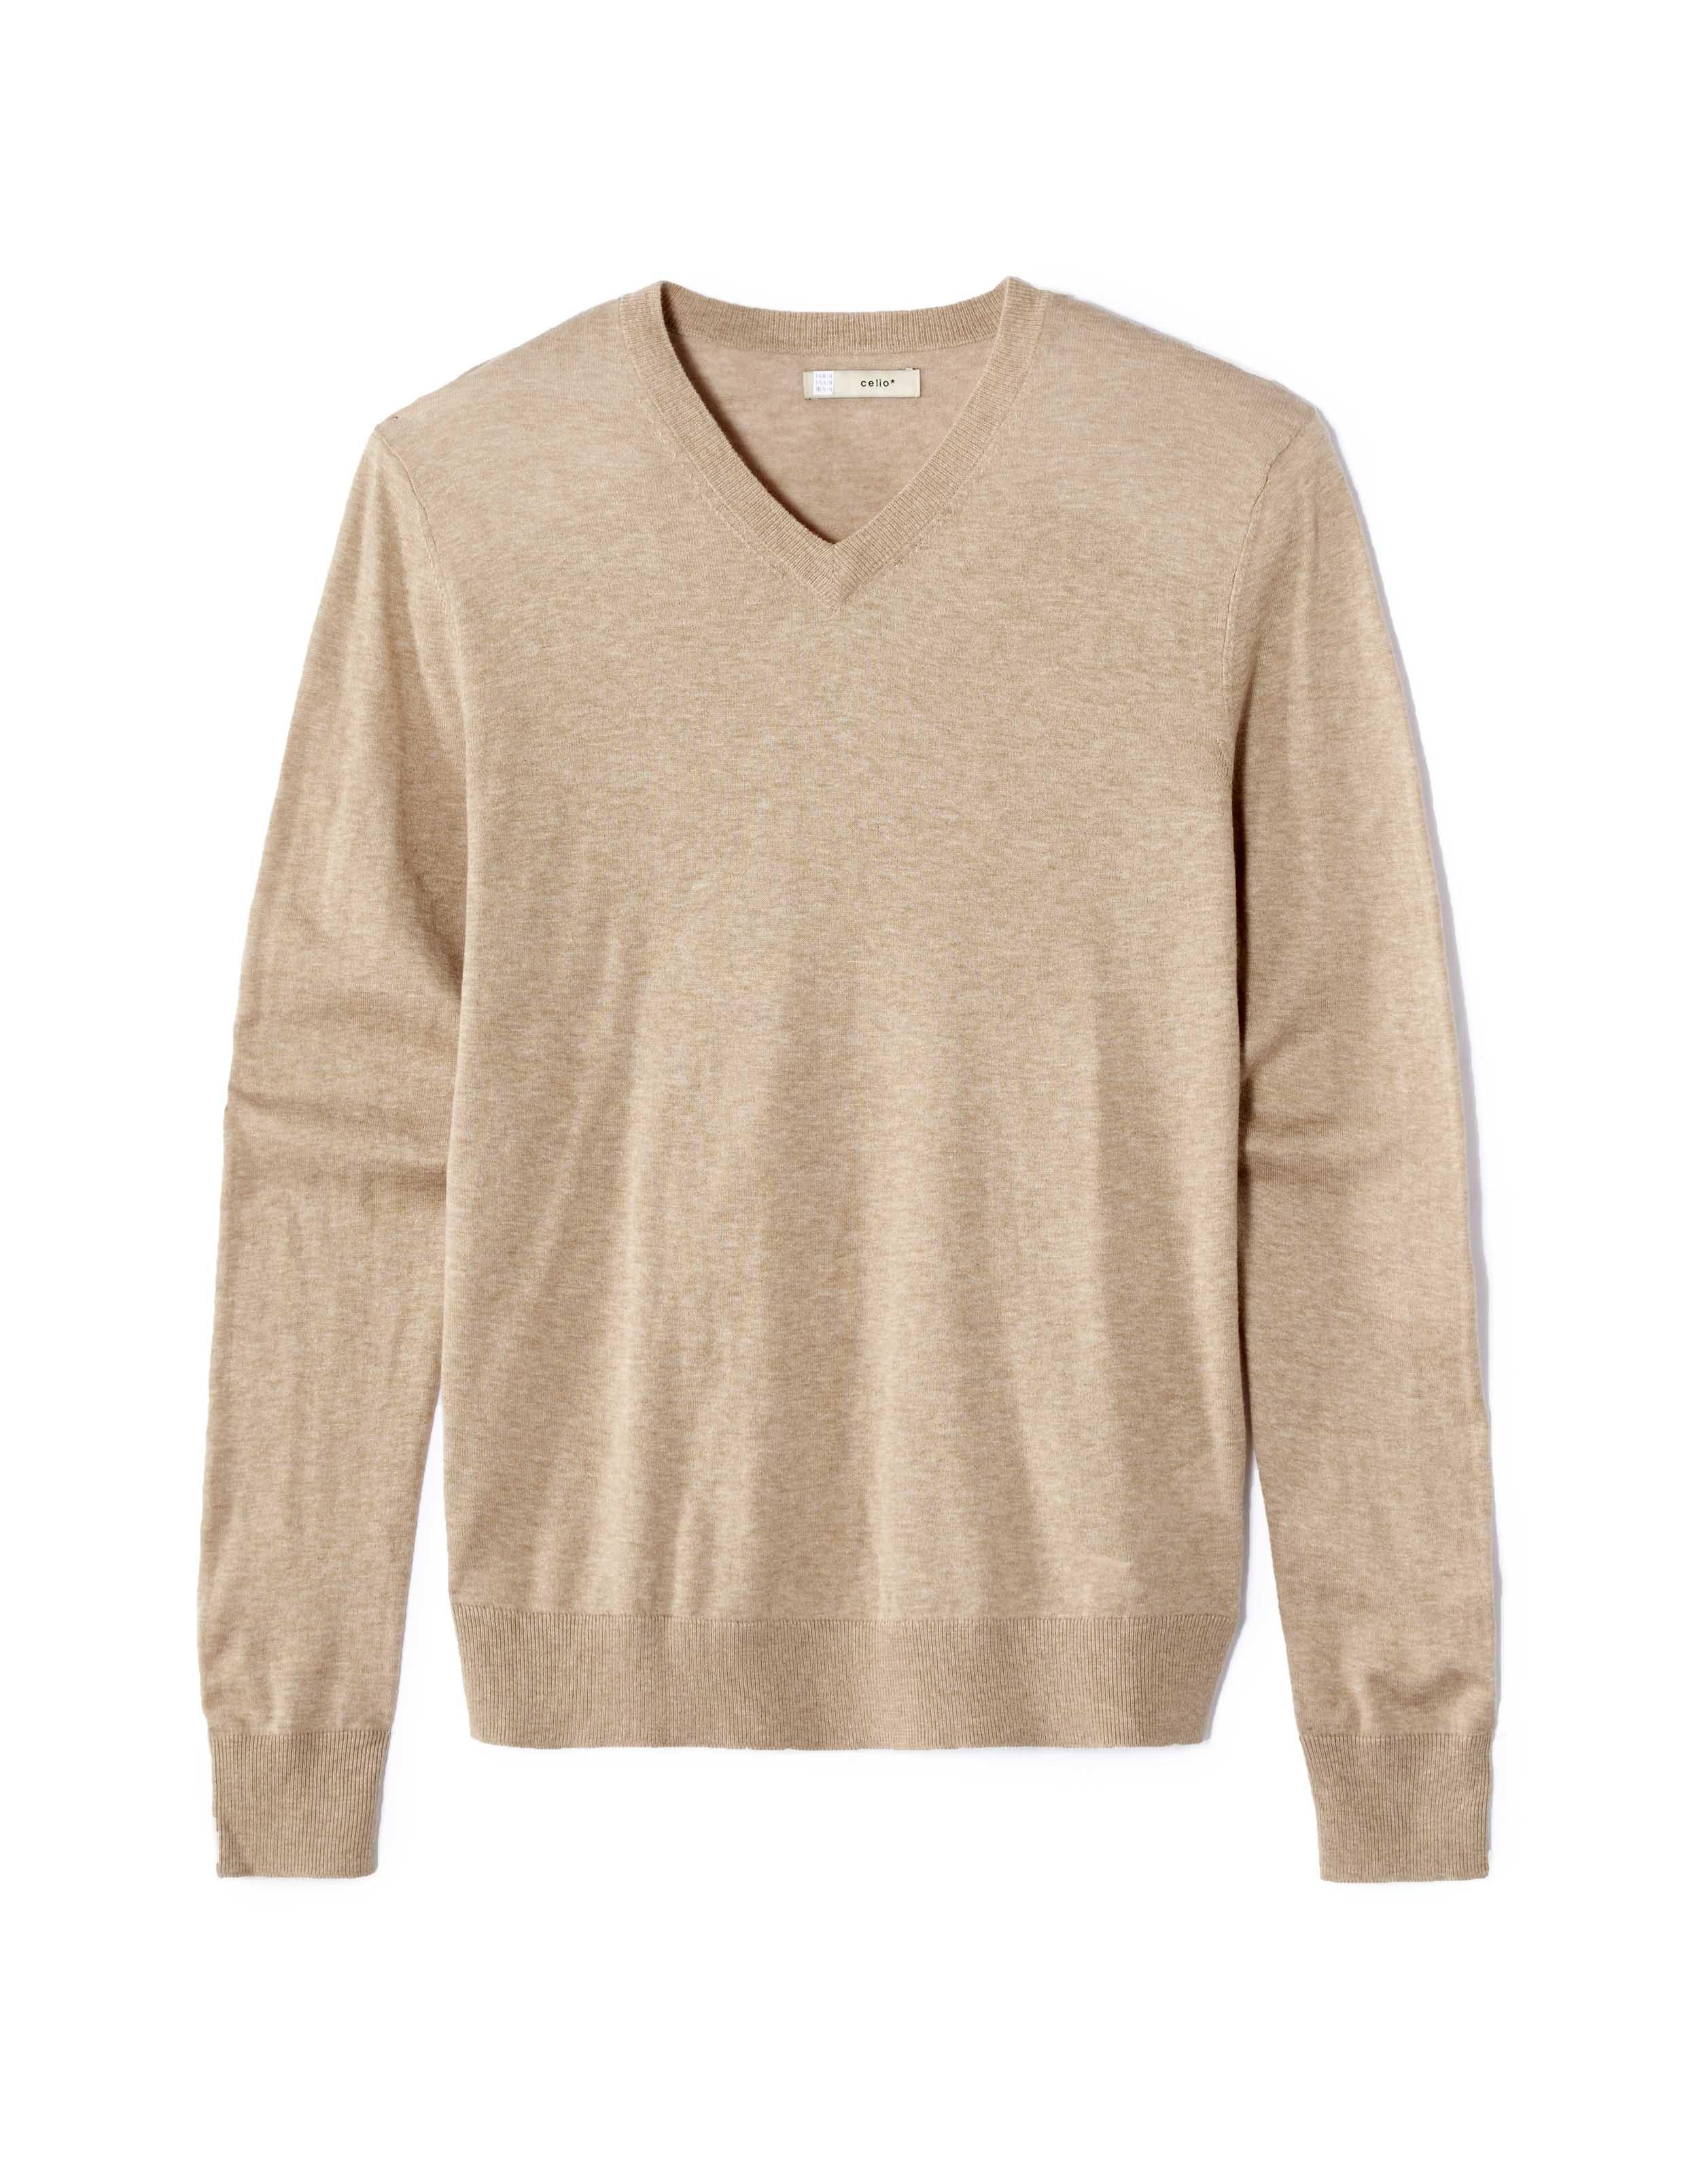 vente chaude chercher nouveau style et luxe CELIO - Pull droit en coton cachemire - Beige - pas cher ...